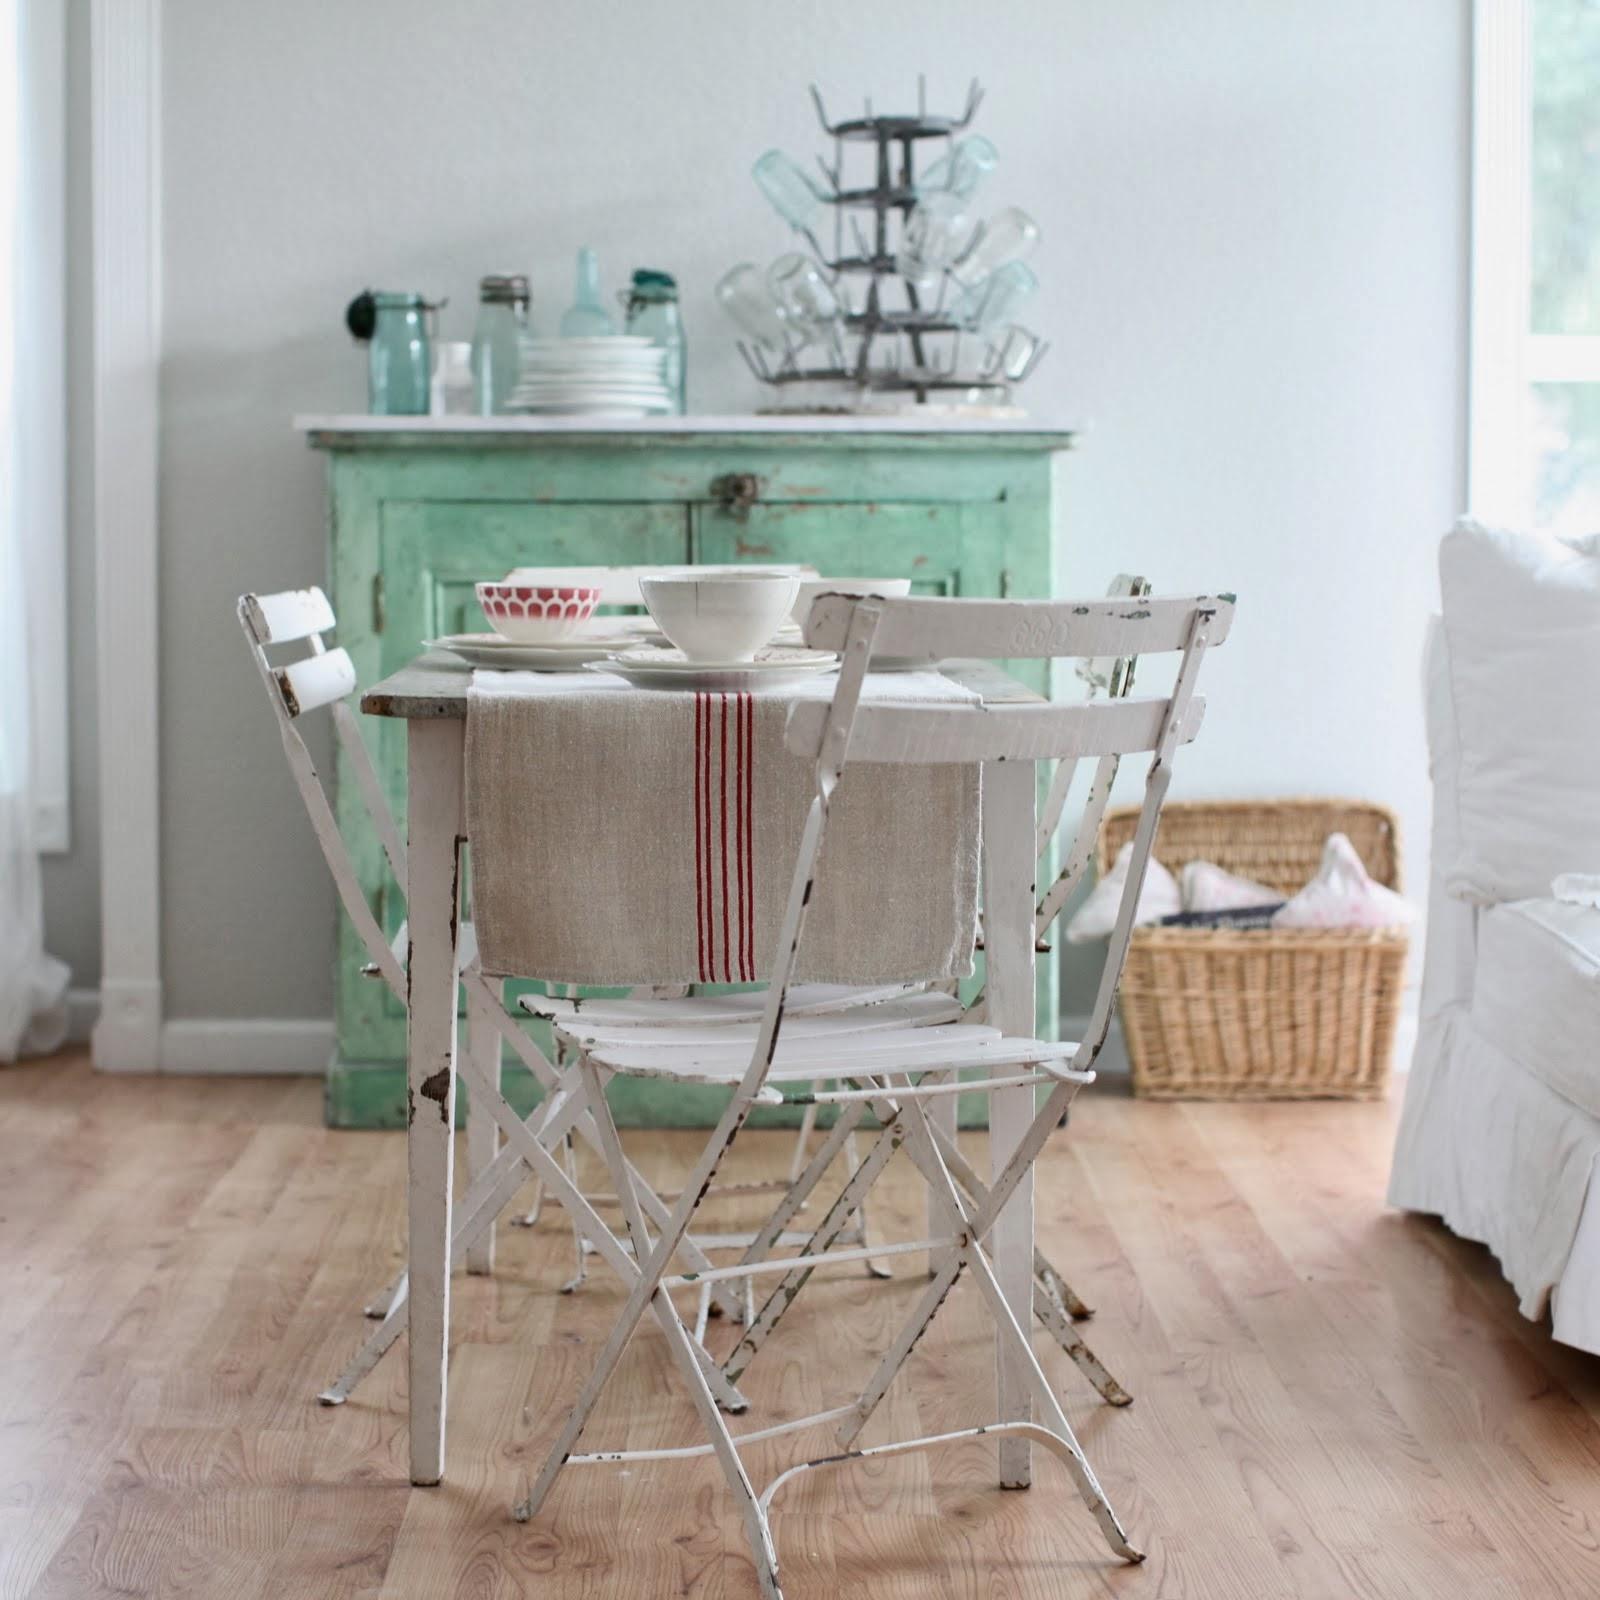 Pintar Muebles Vintage Gallery Of Mueble Vintage Precioso With  # Muebles Efecto Vintage